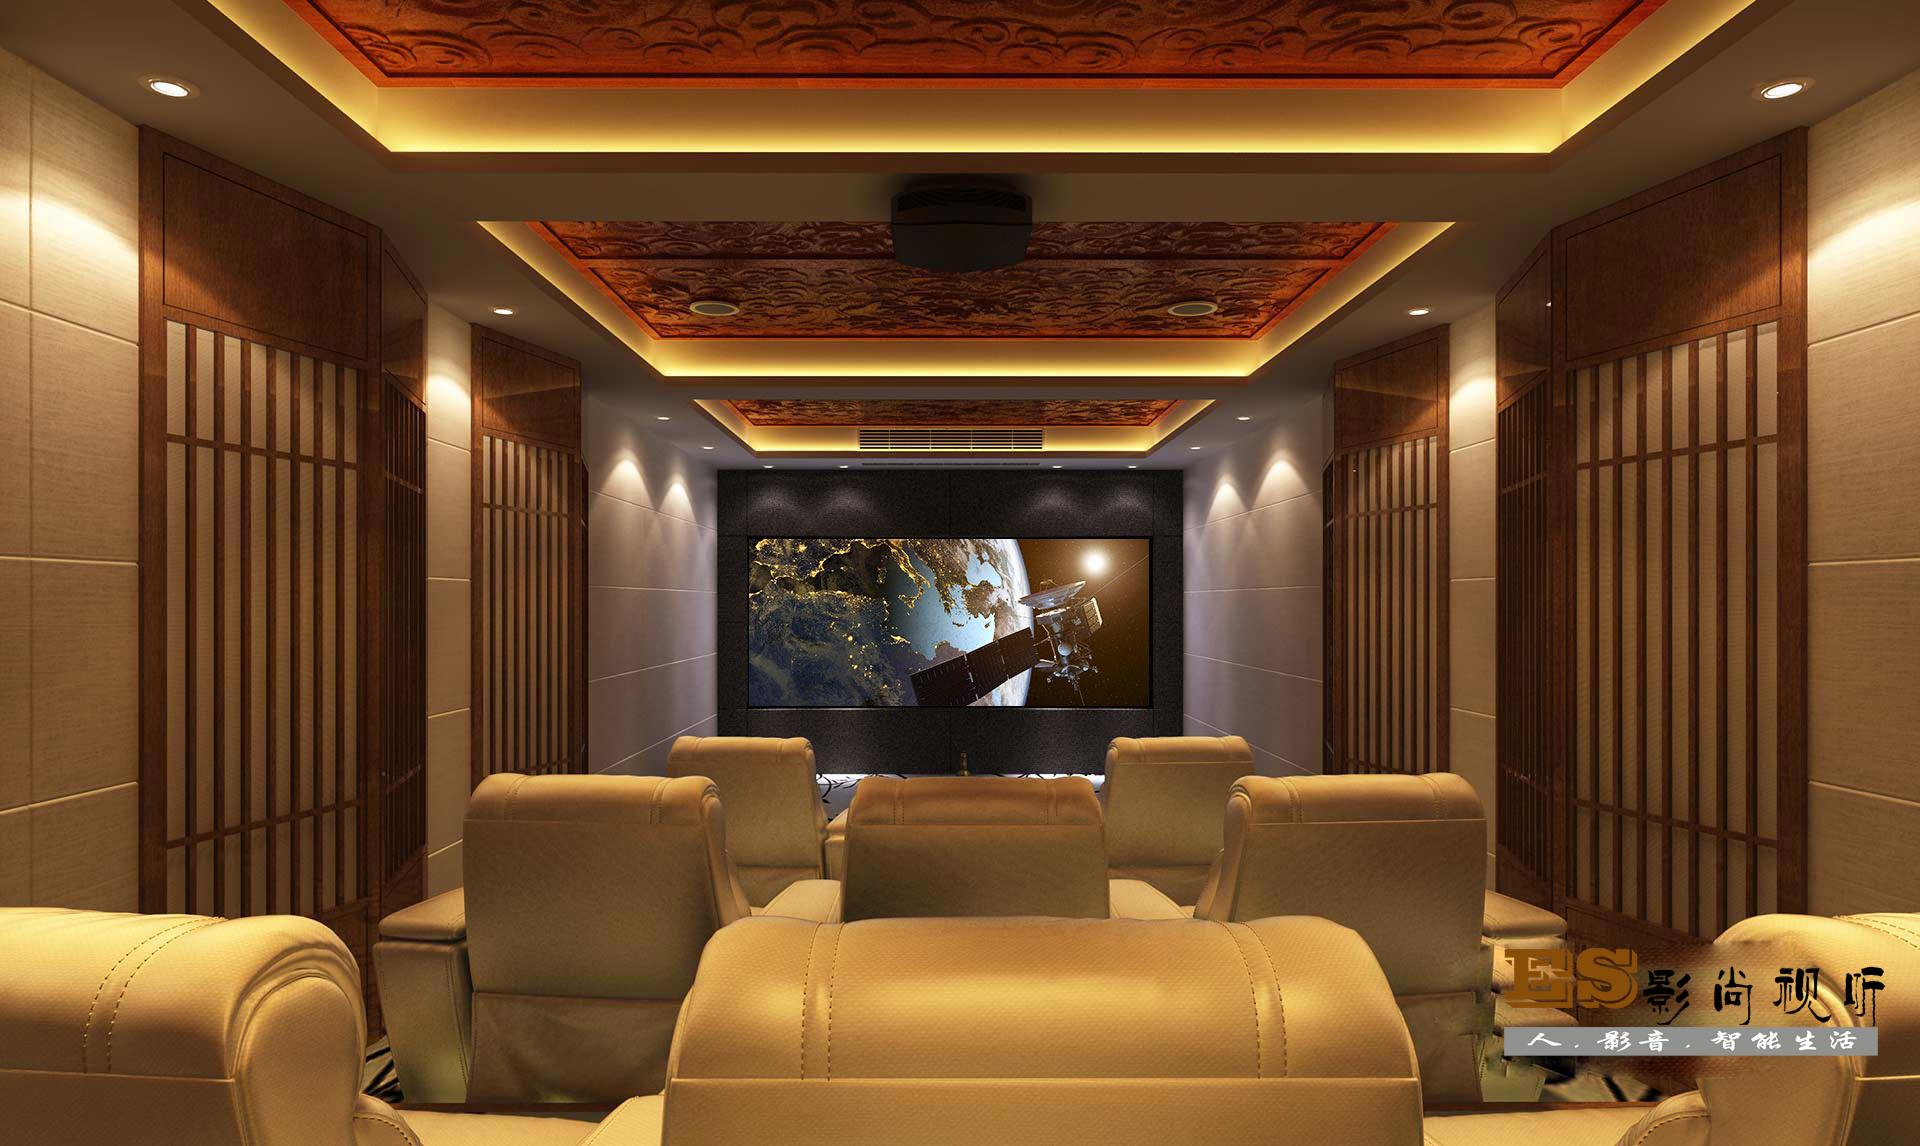 私人家庭影院装修设计方案